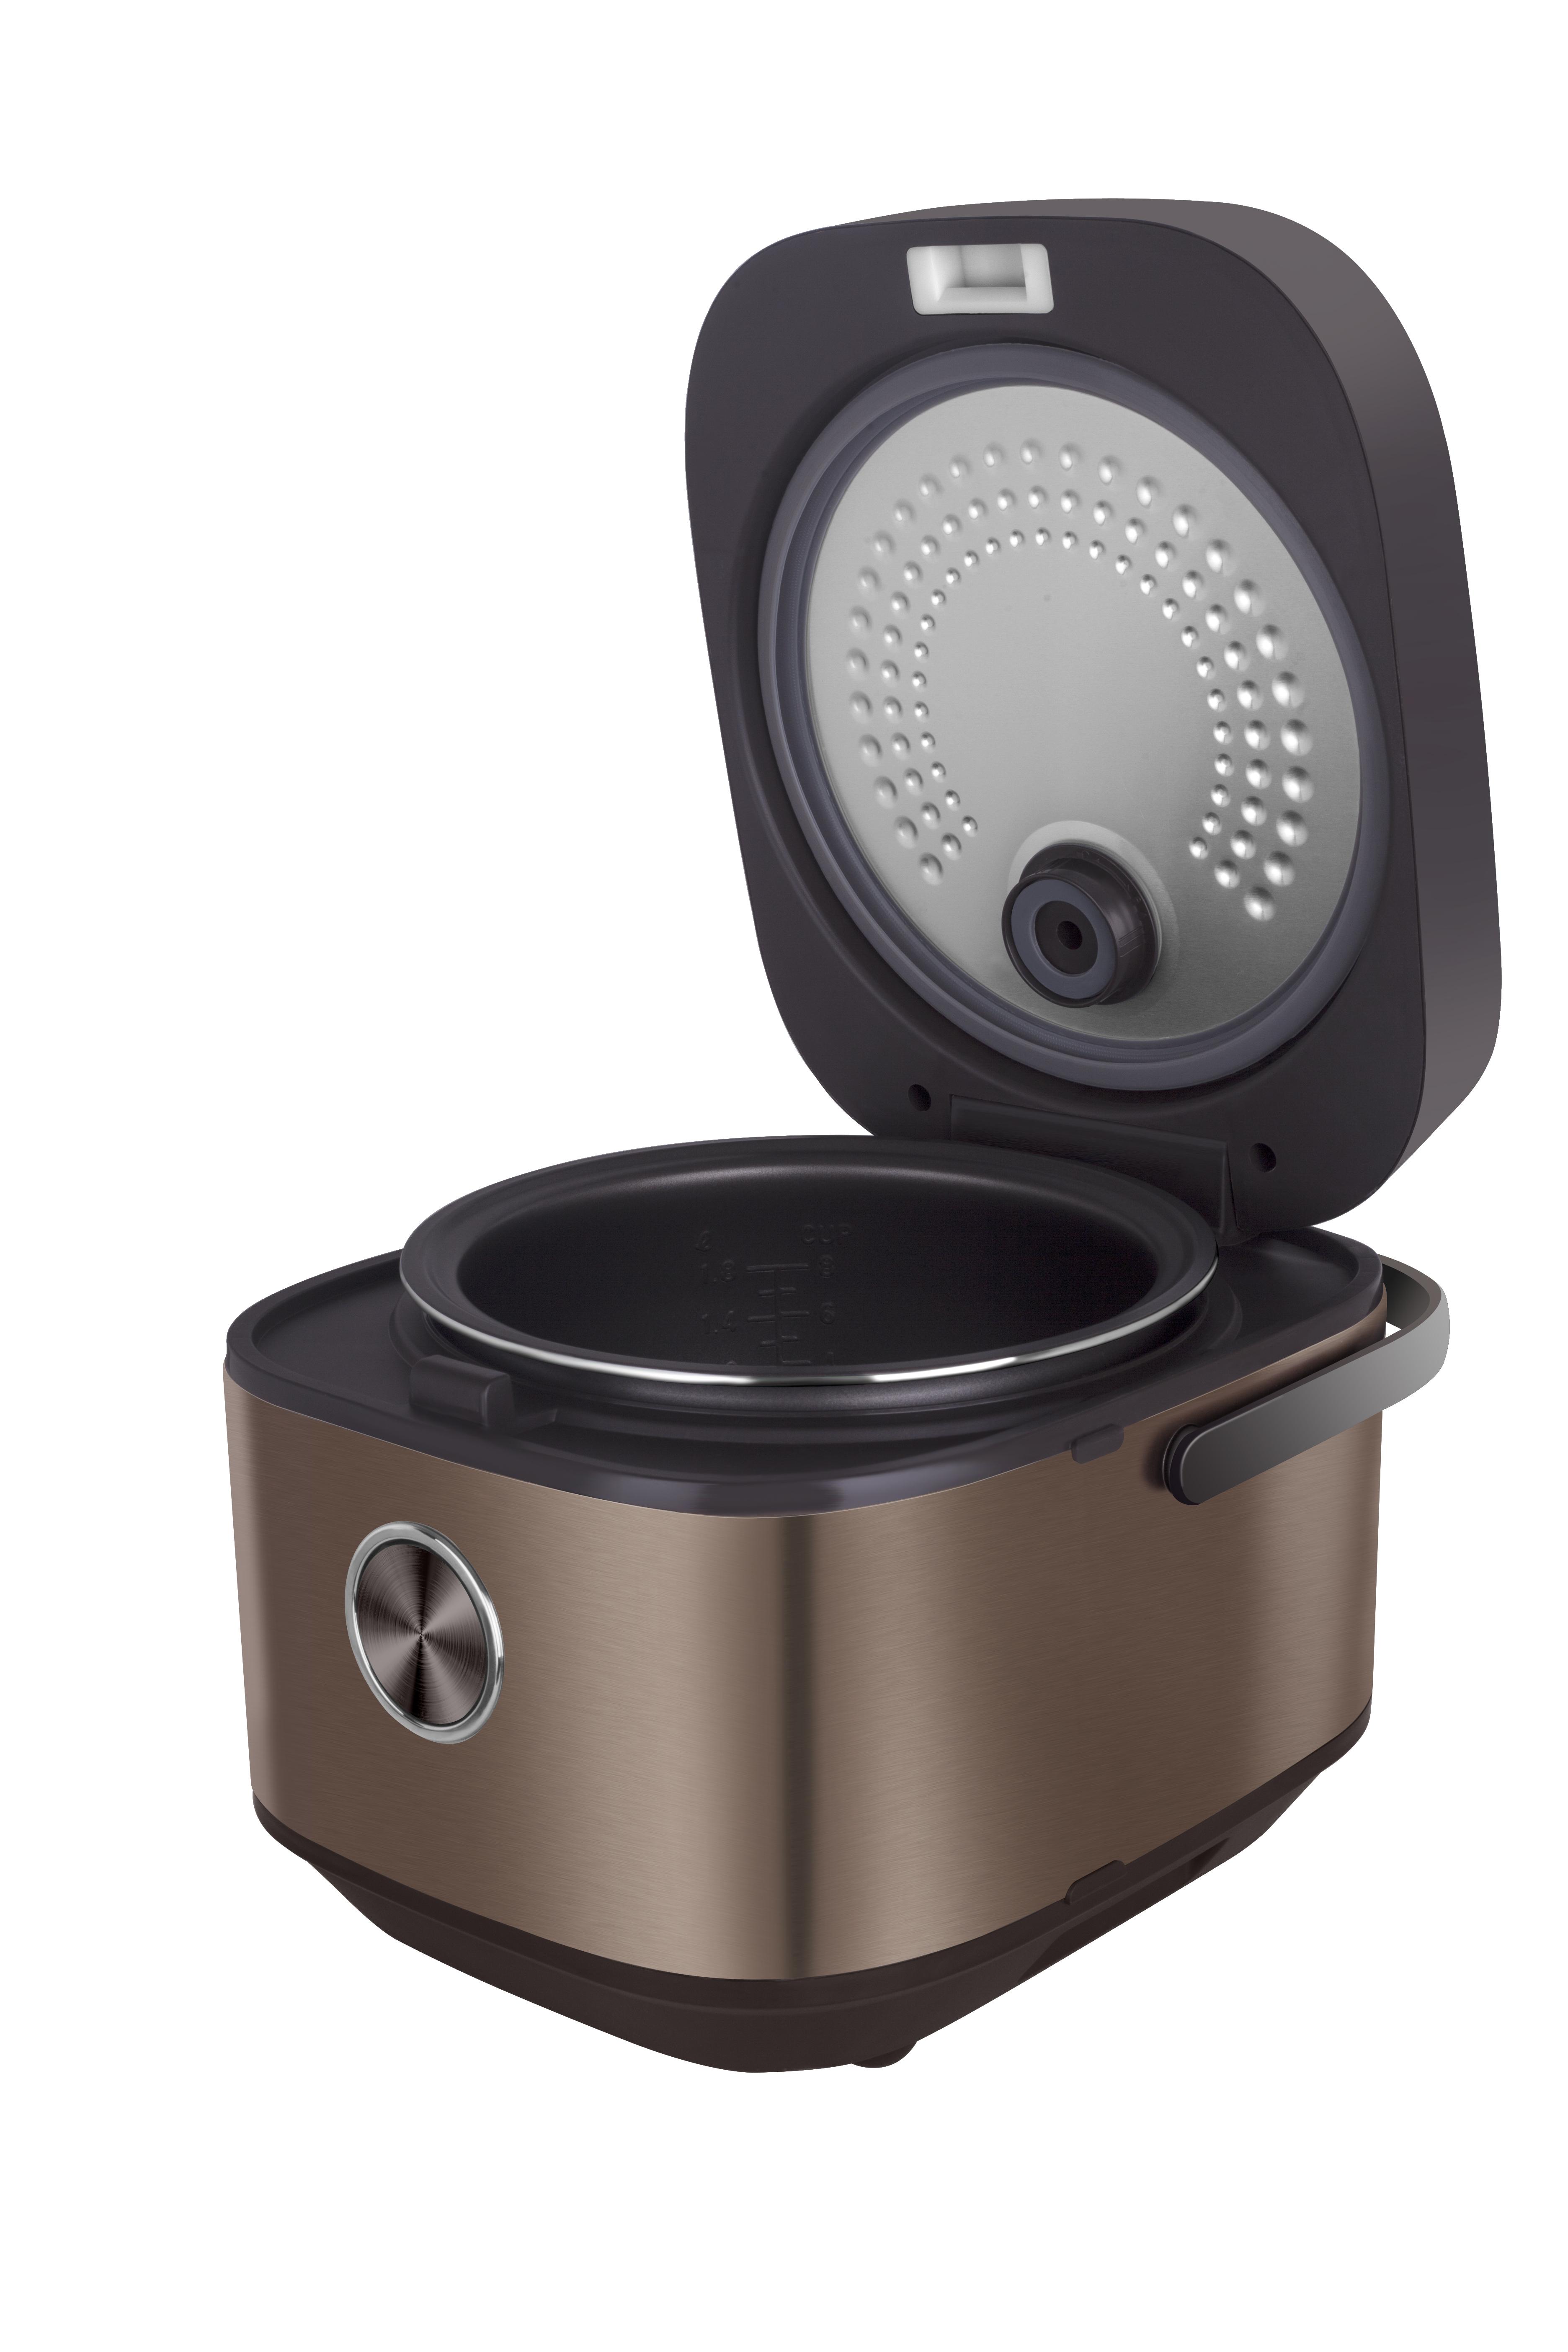 长虹(CHANGHONG)智能方型电饭煲FB40-XQ4,4升黄金容量,轻触微电脑控制,简单方便